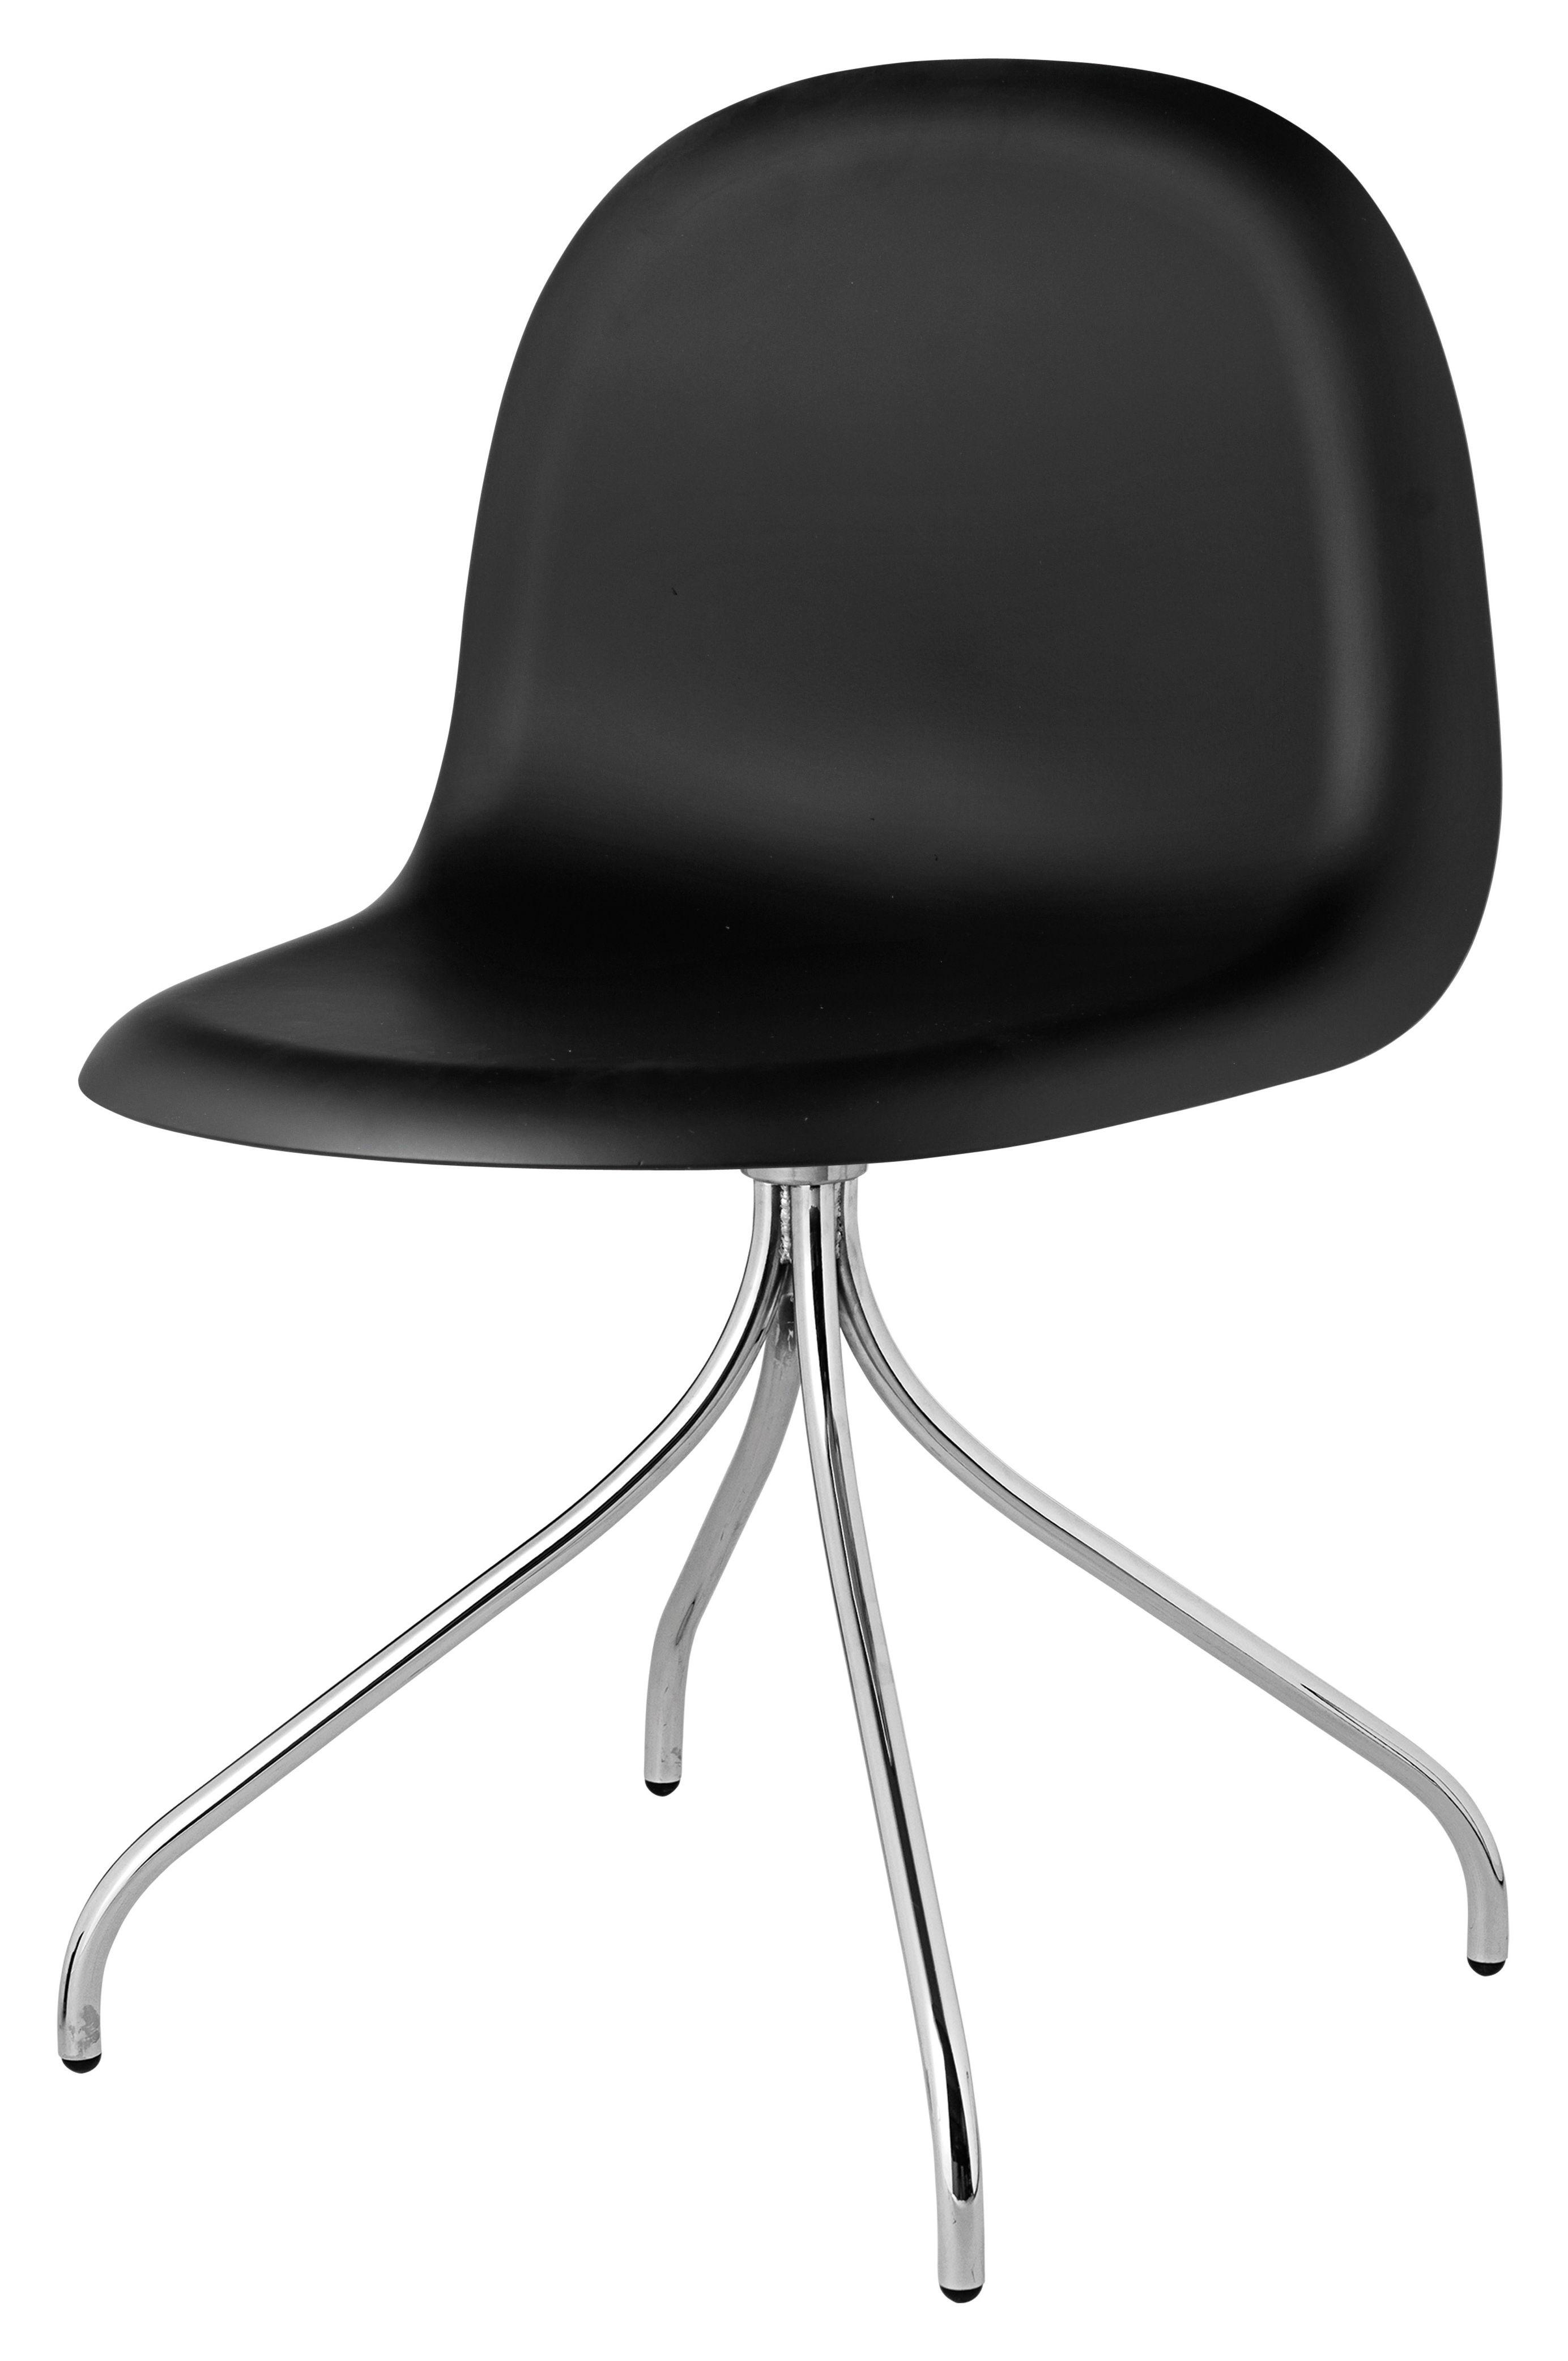 Mobilier - Chaises, fauteuils de salle à manger - Chaise pivotante 3D / 4 pieds - Coque HiRek - Gubi - Coque noire / Piètement chromé - Acier chromé, Polymère